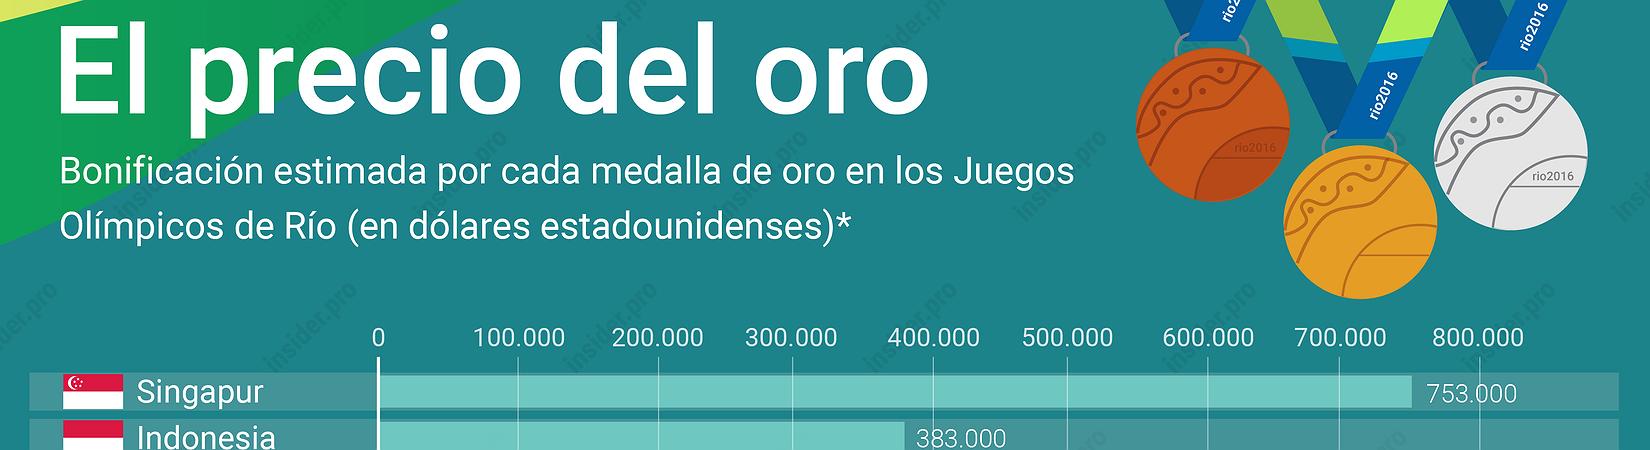 Infografía: ¿Cuánto dinero se embolsarán los ganadores de los Juegos Olímpicos de Río?